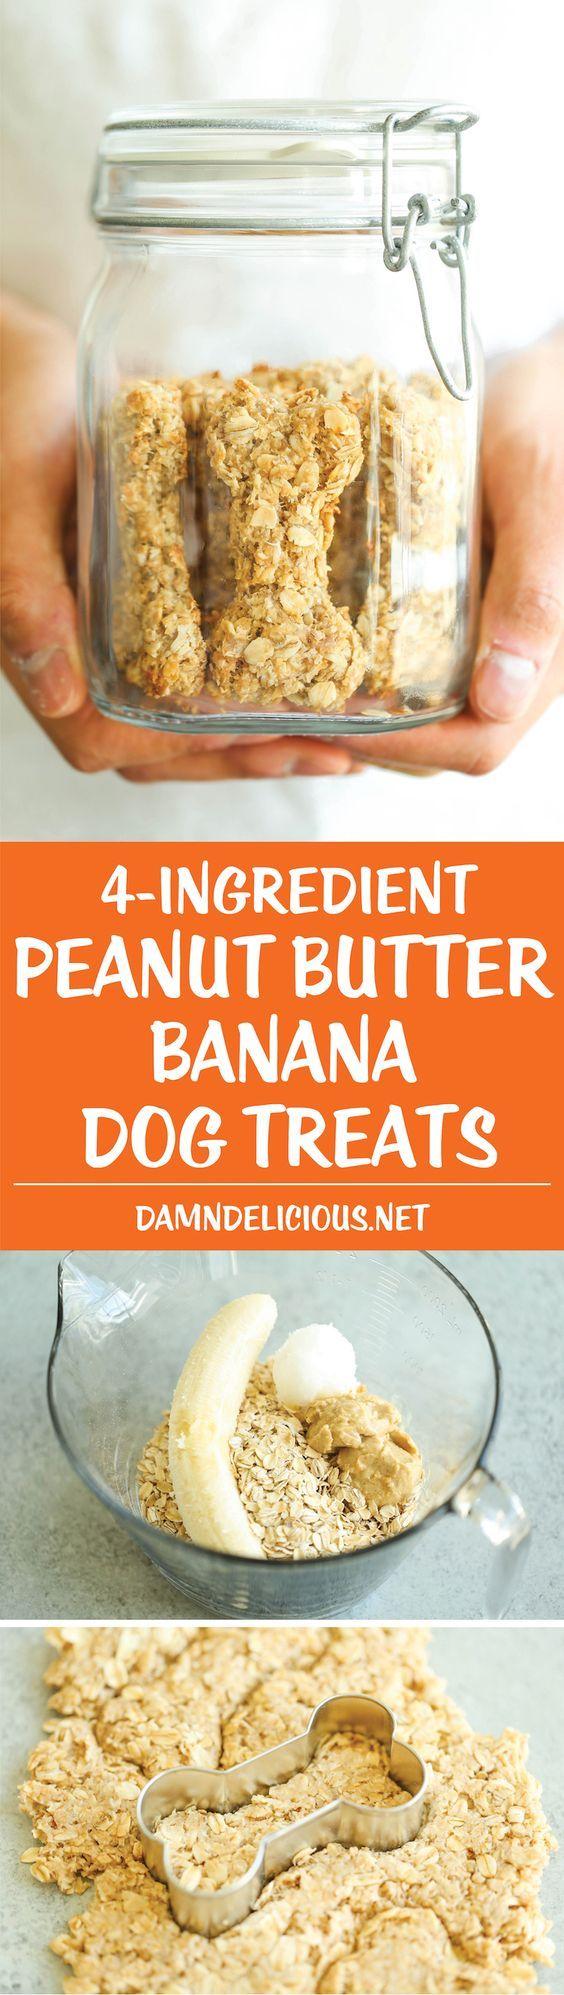 DIY No Bake Dog Treats No Bake Healthy Treats for You Your Pooch